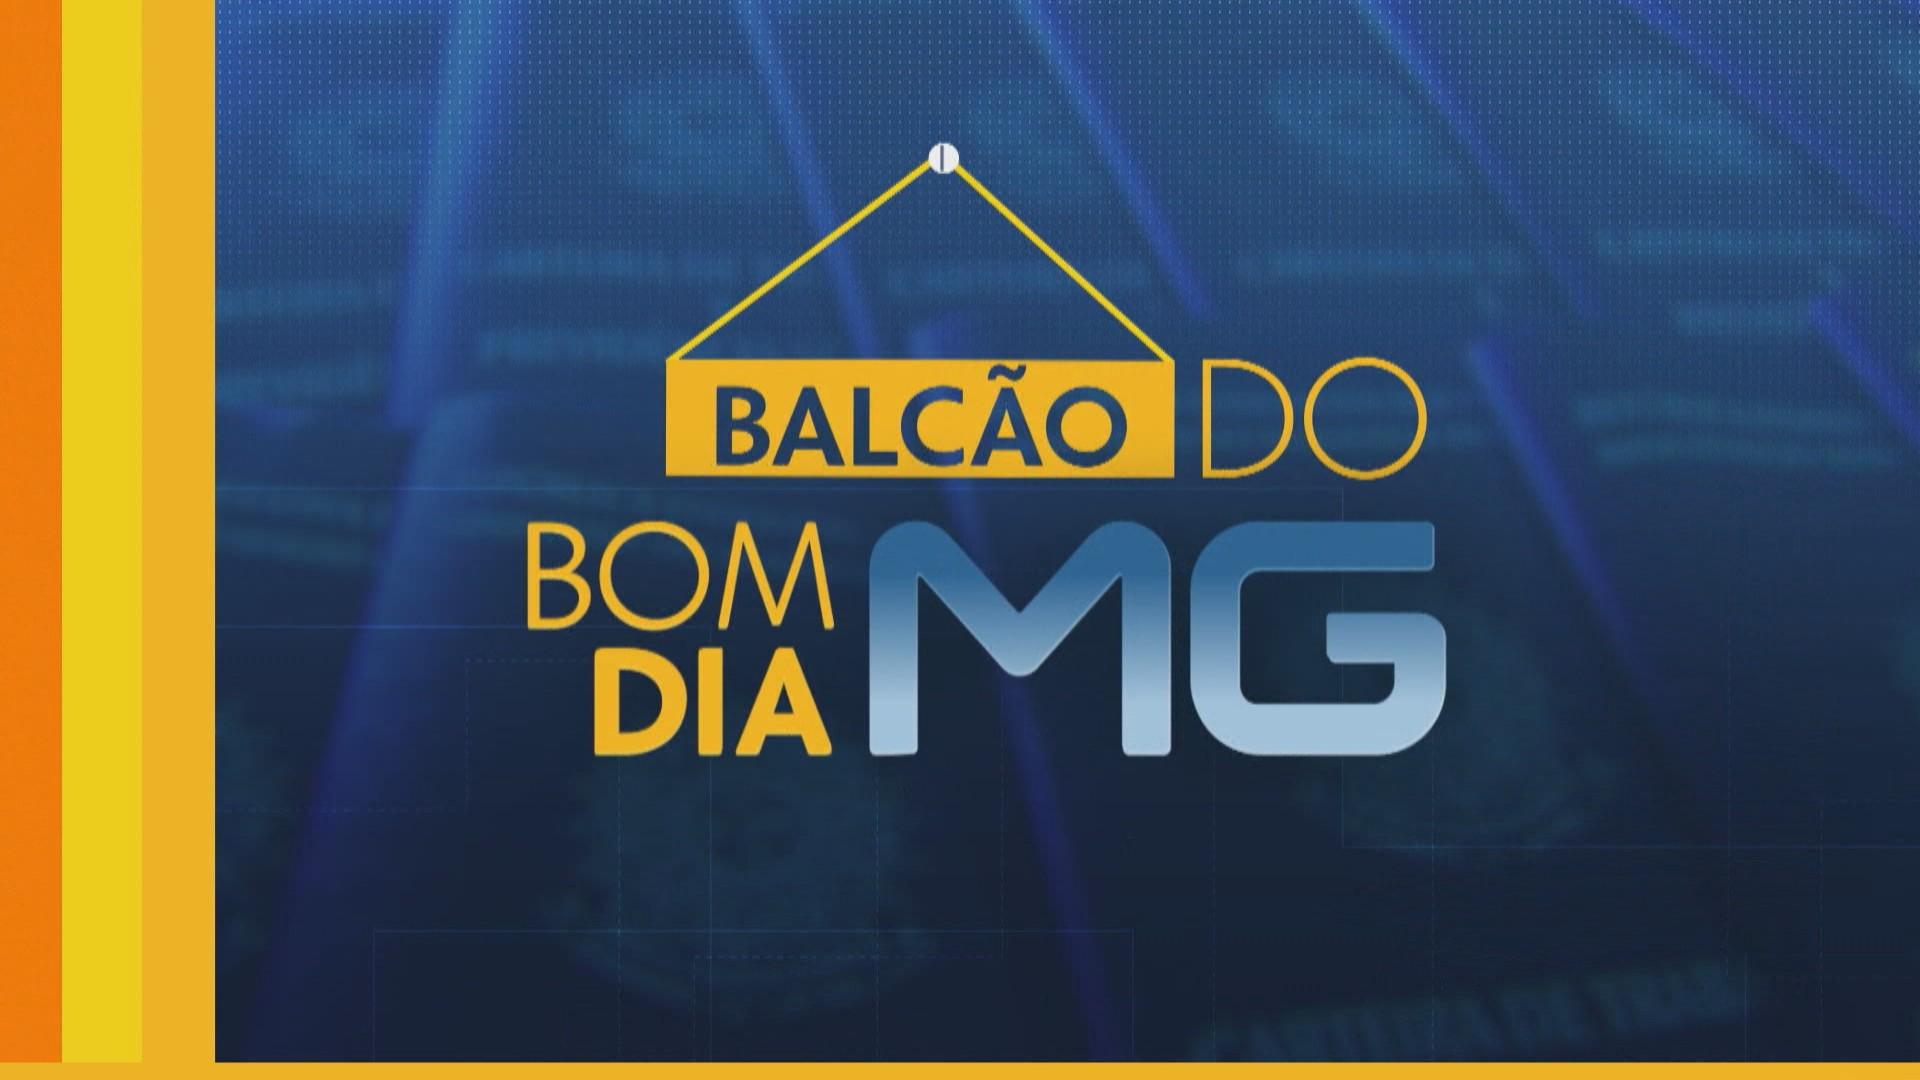 Balcão do BDMG: veja as vagas de emprego e palestras em BH e Região Metropolitana